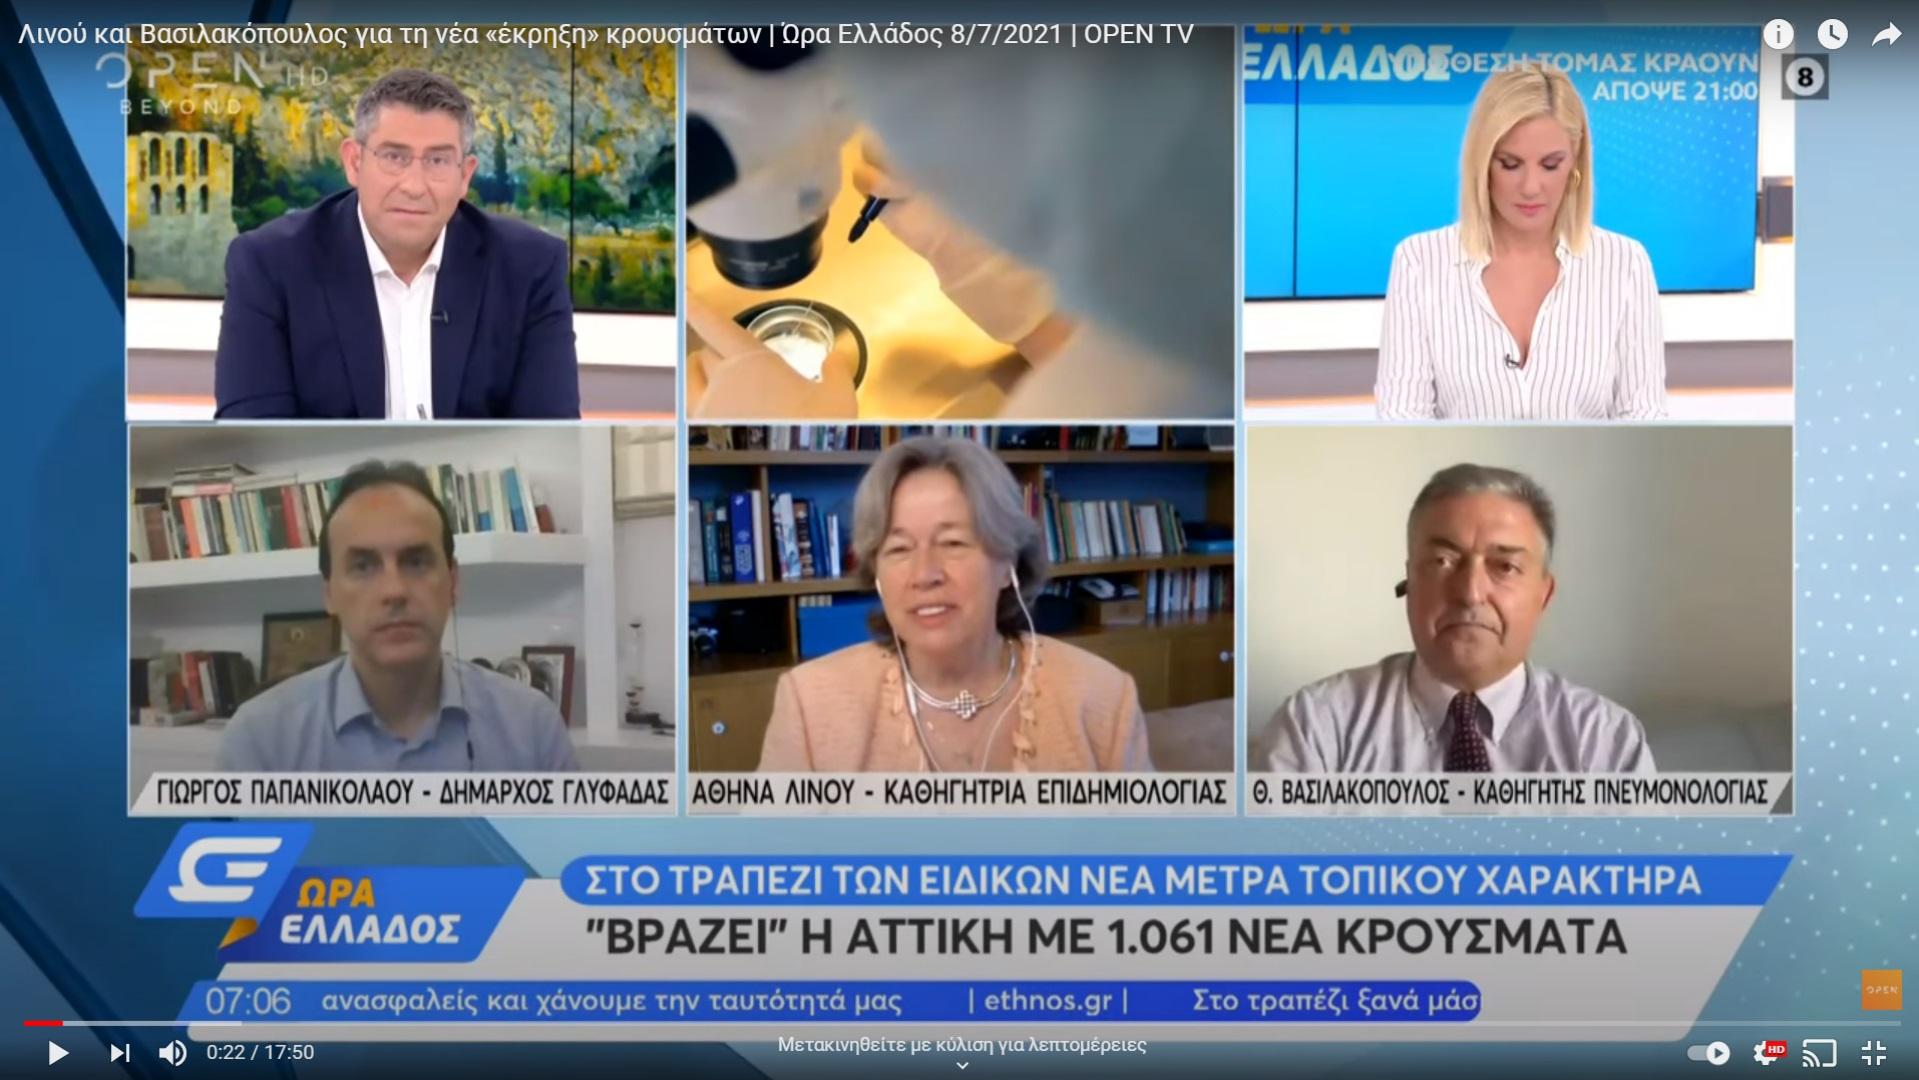 Λινού – Βασιλακόπουλος: Κόντρα on air για τη μετάλλαξη και τον εμβολιασμό